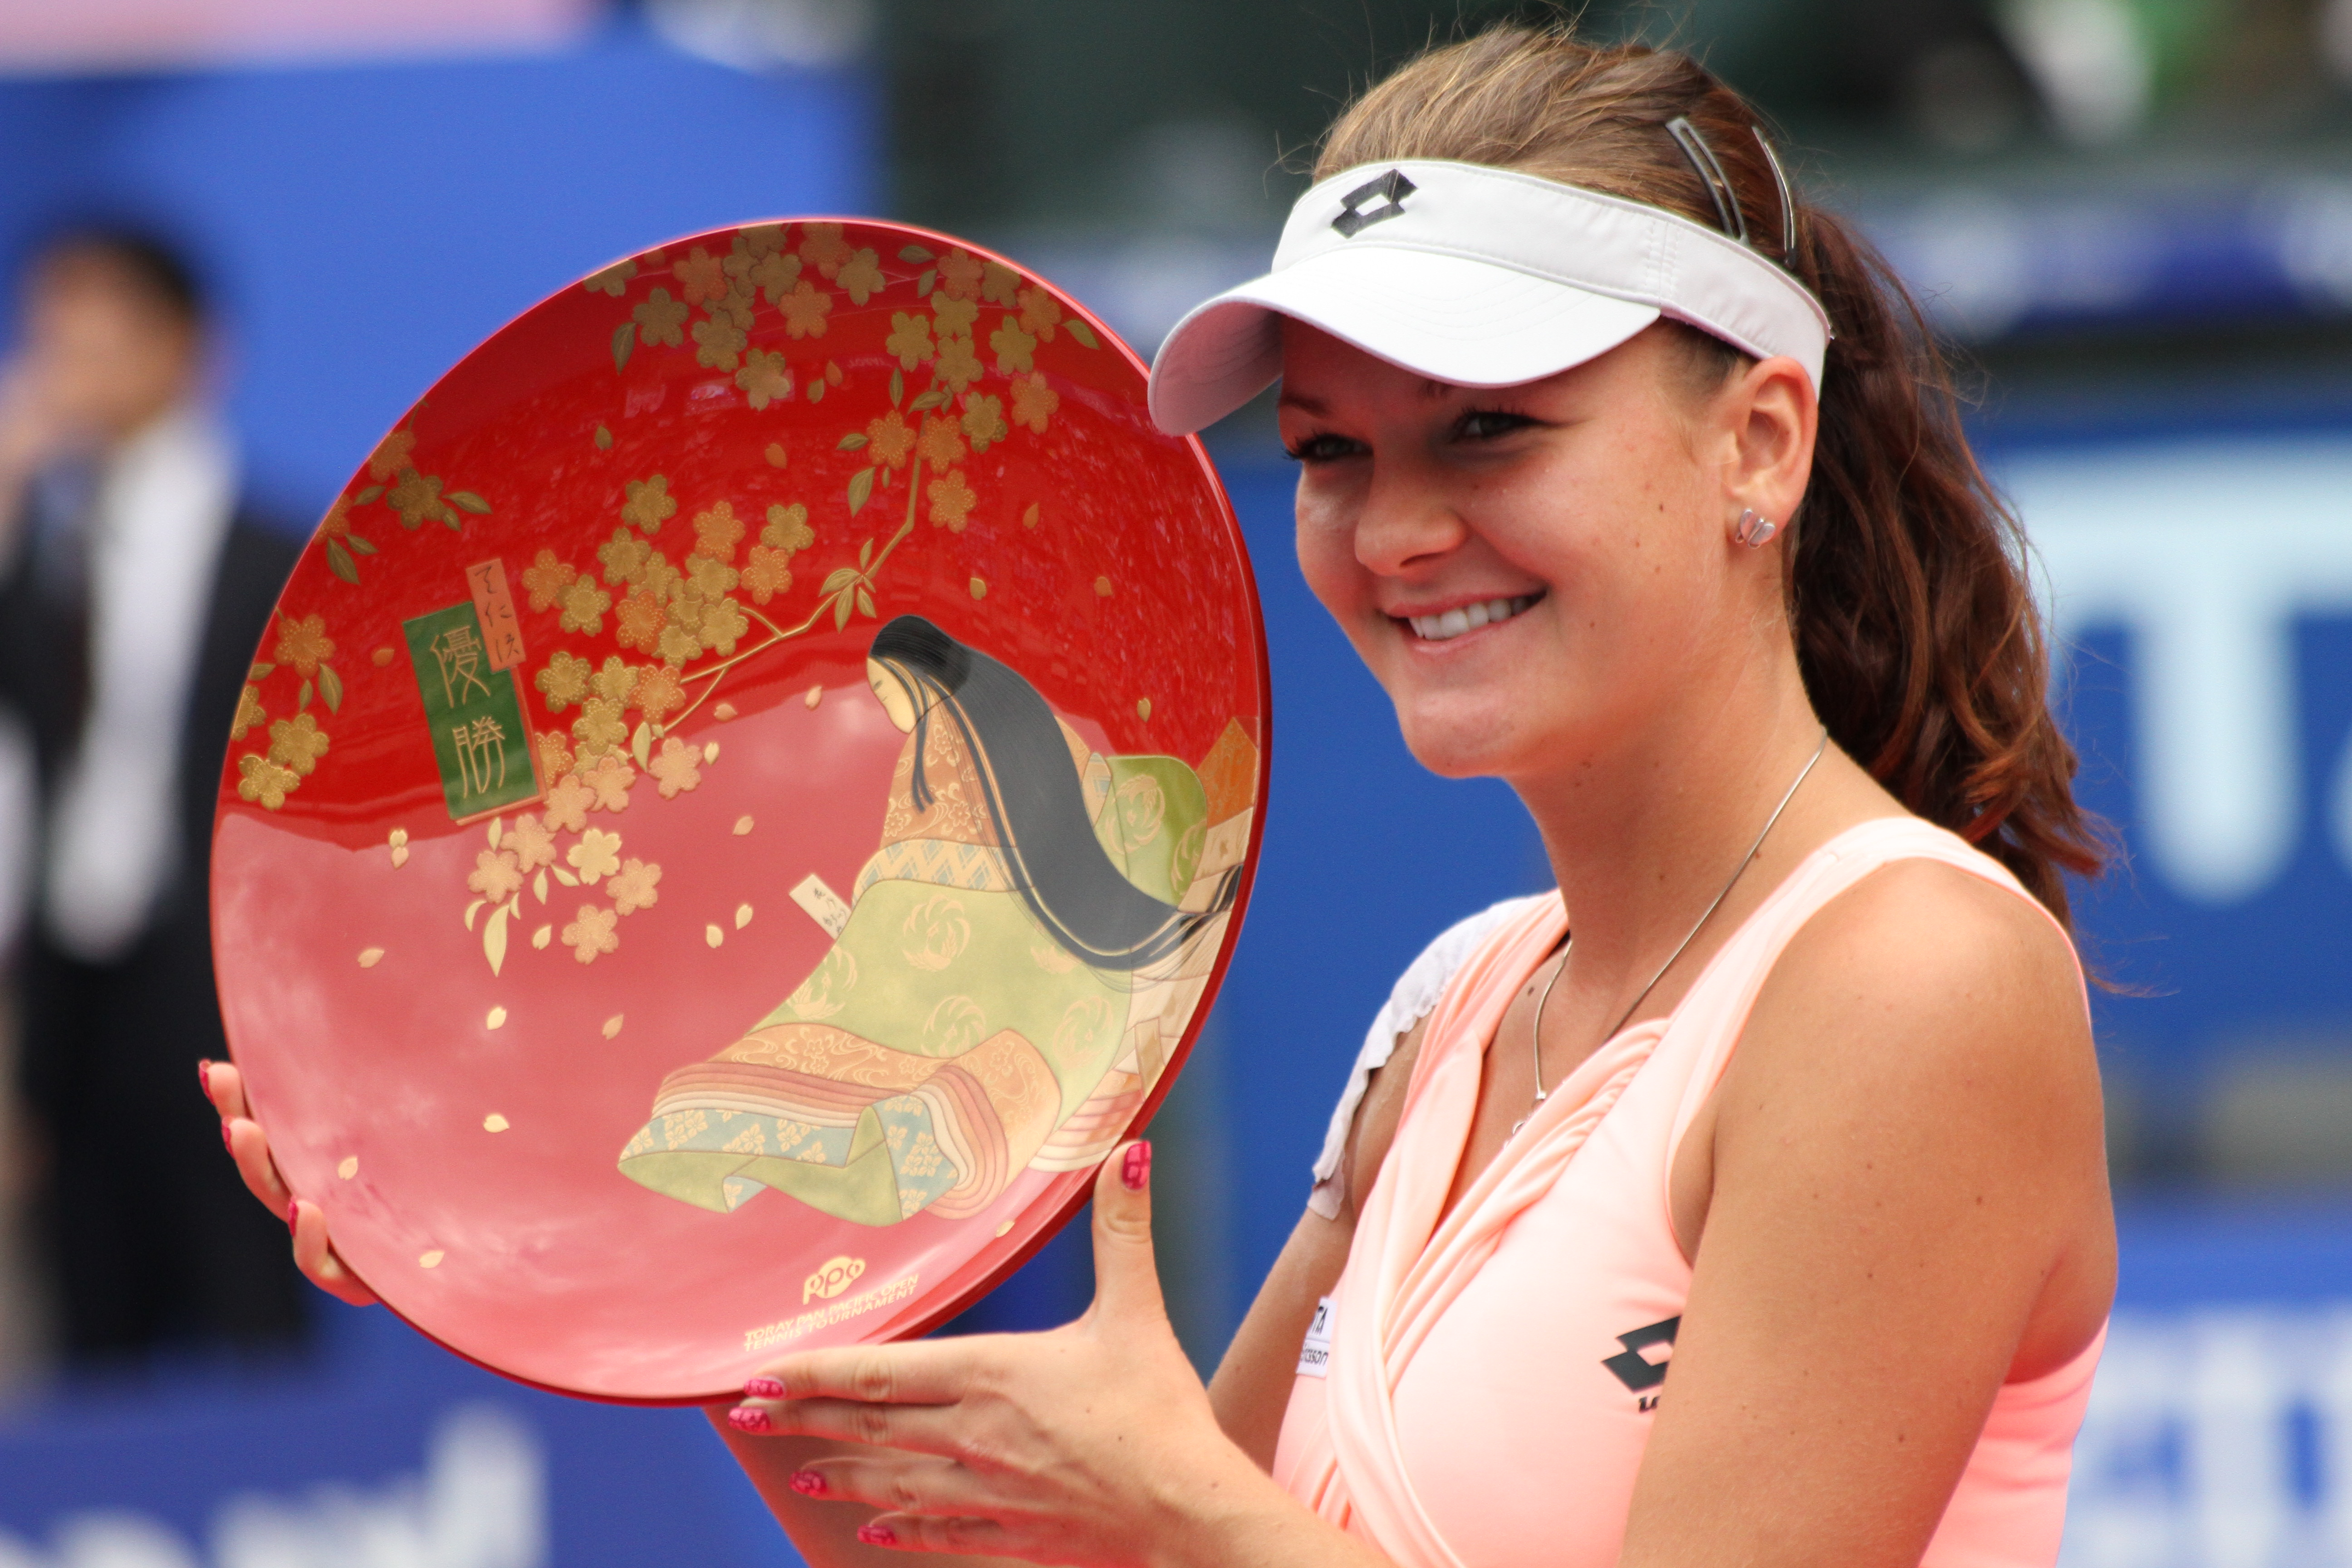 Agnieszka Radwanska world singles ranking 2 Agnieszka Radwanska world singles ranking 2 new picture